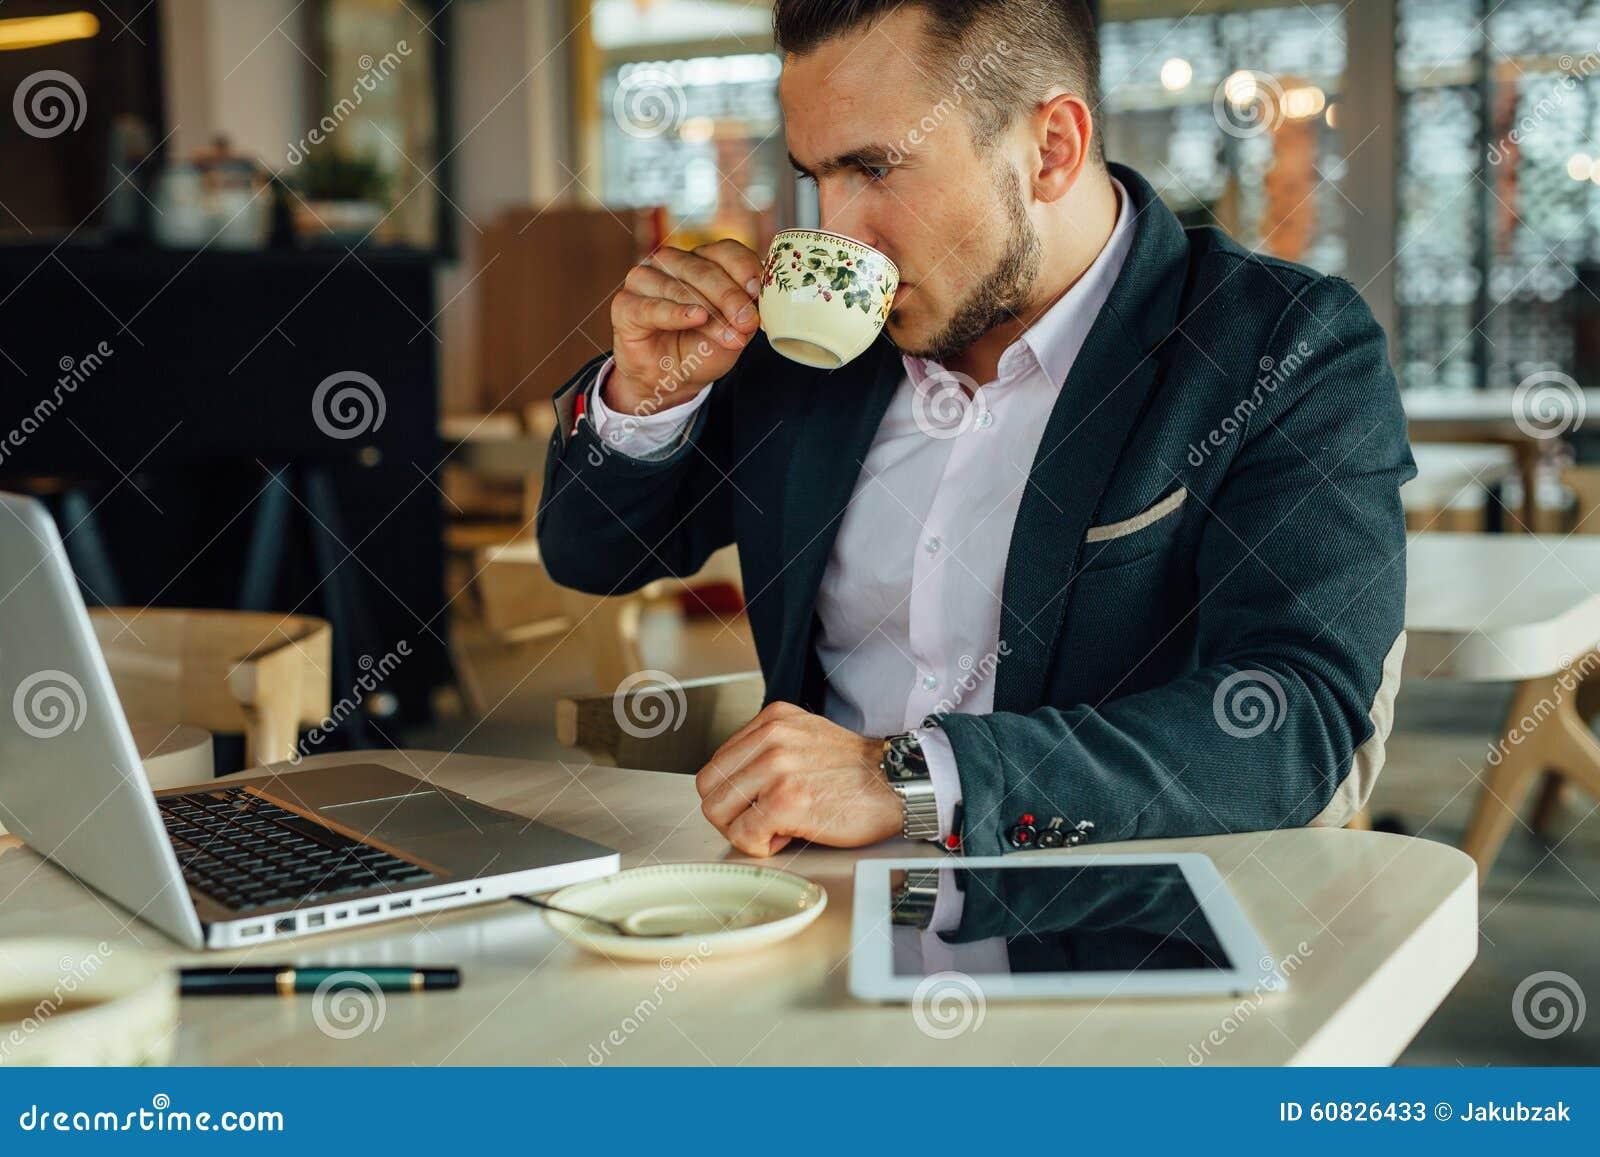 Los jóvenes se centraron al hombre de negocios que se sentaba en el café, trabajando en su lapto